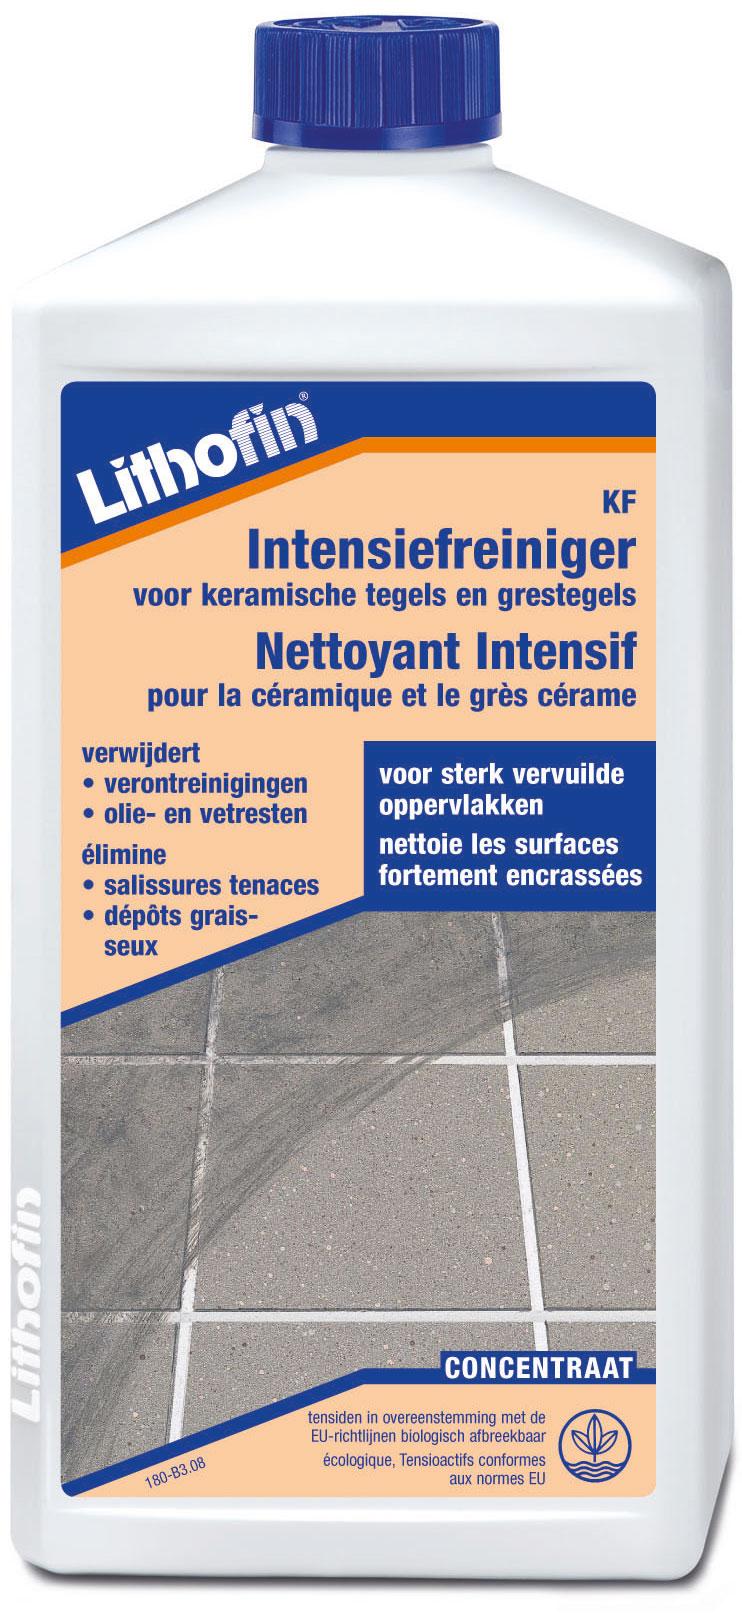 lithofin-kf-intensiefreiniger-1-liter-klein